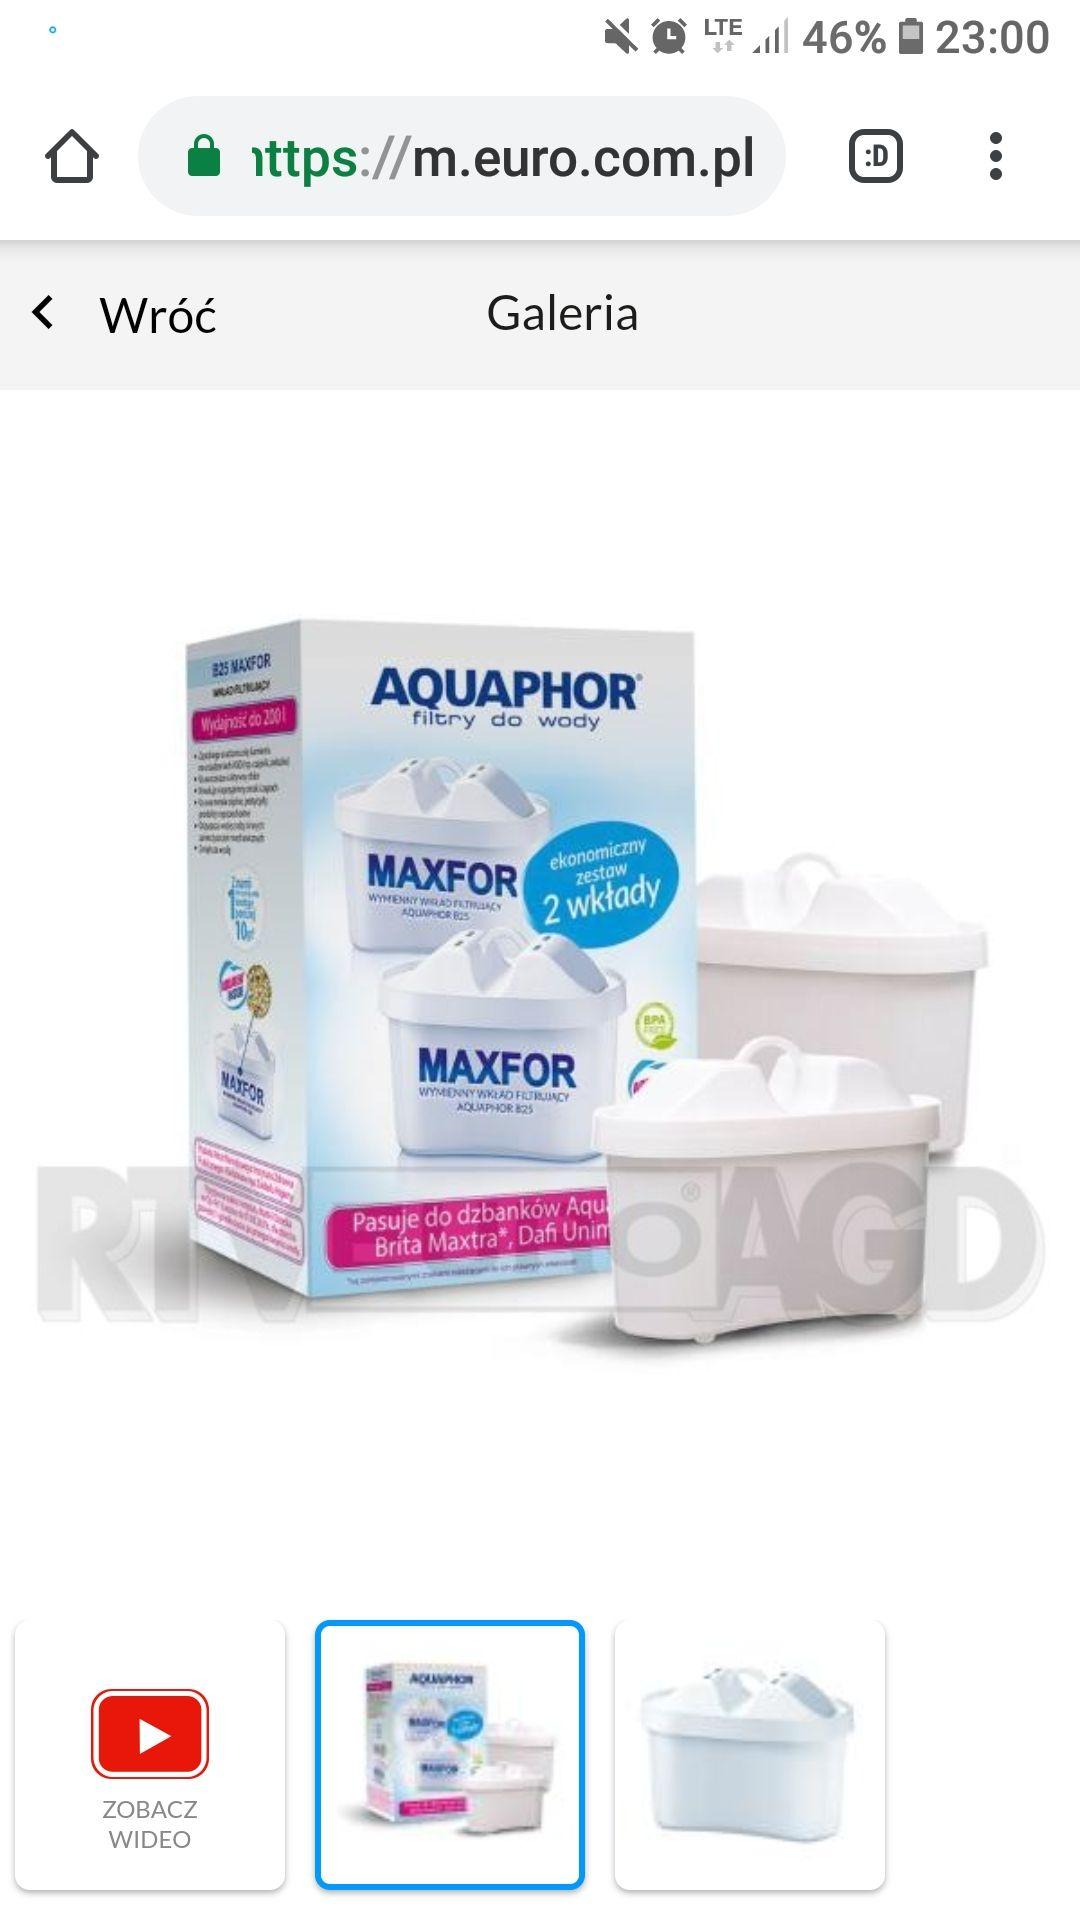 4 filtry do wody aquaphor maxfor 7.42zł/sztuka @ euro.com.pl